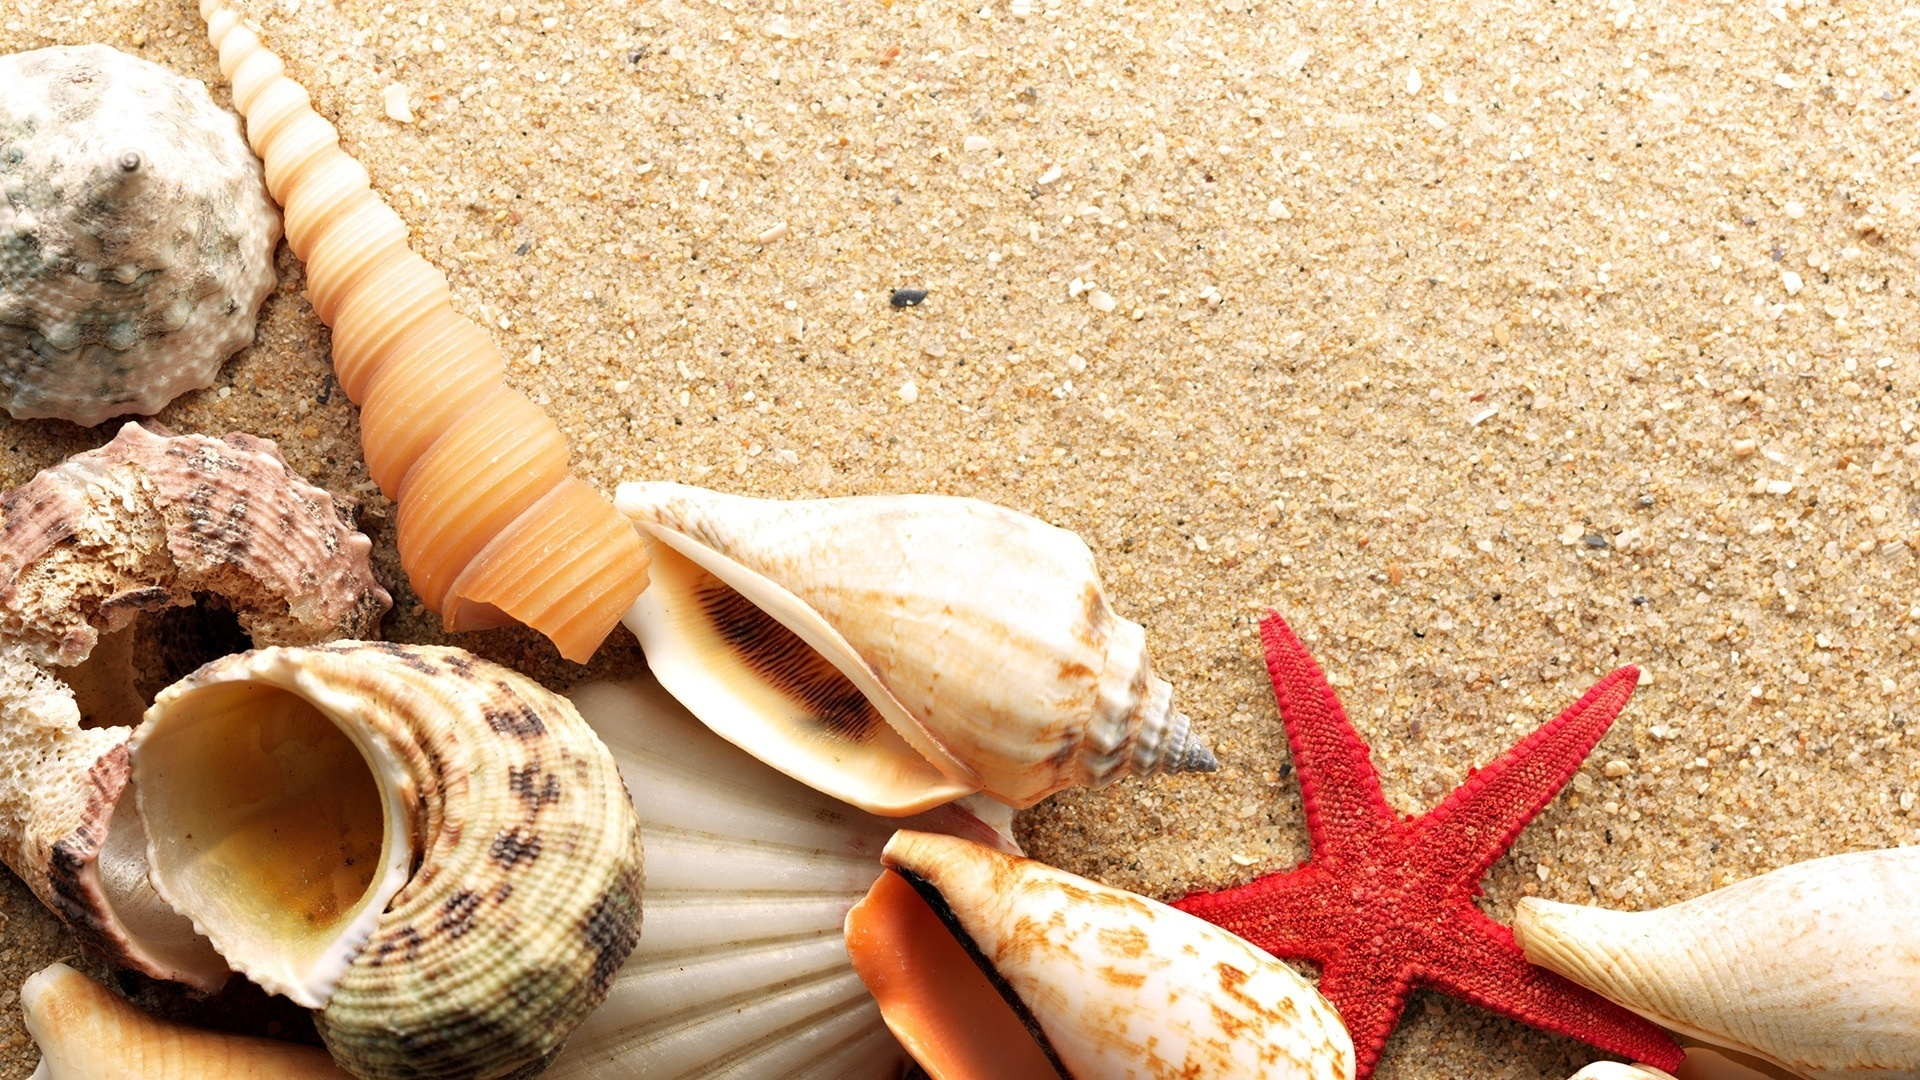 Бумаги открытки, картинки ракушки на песке